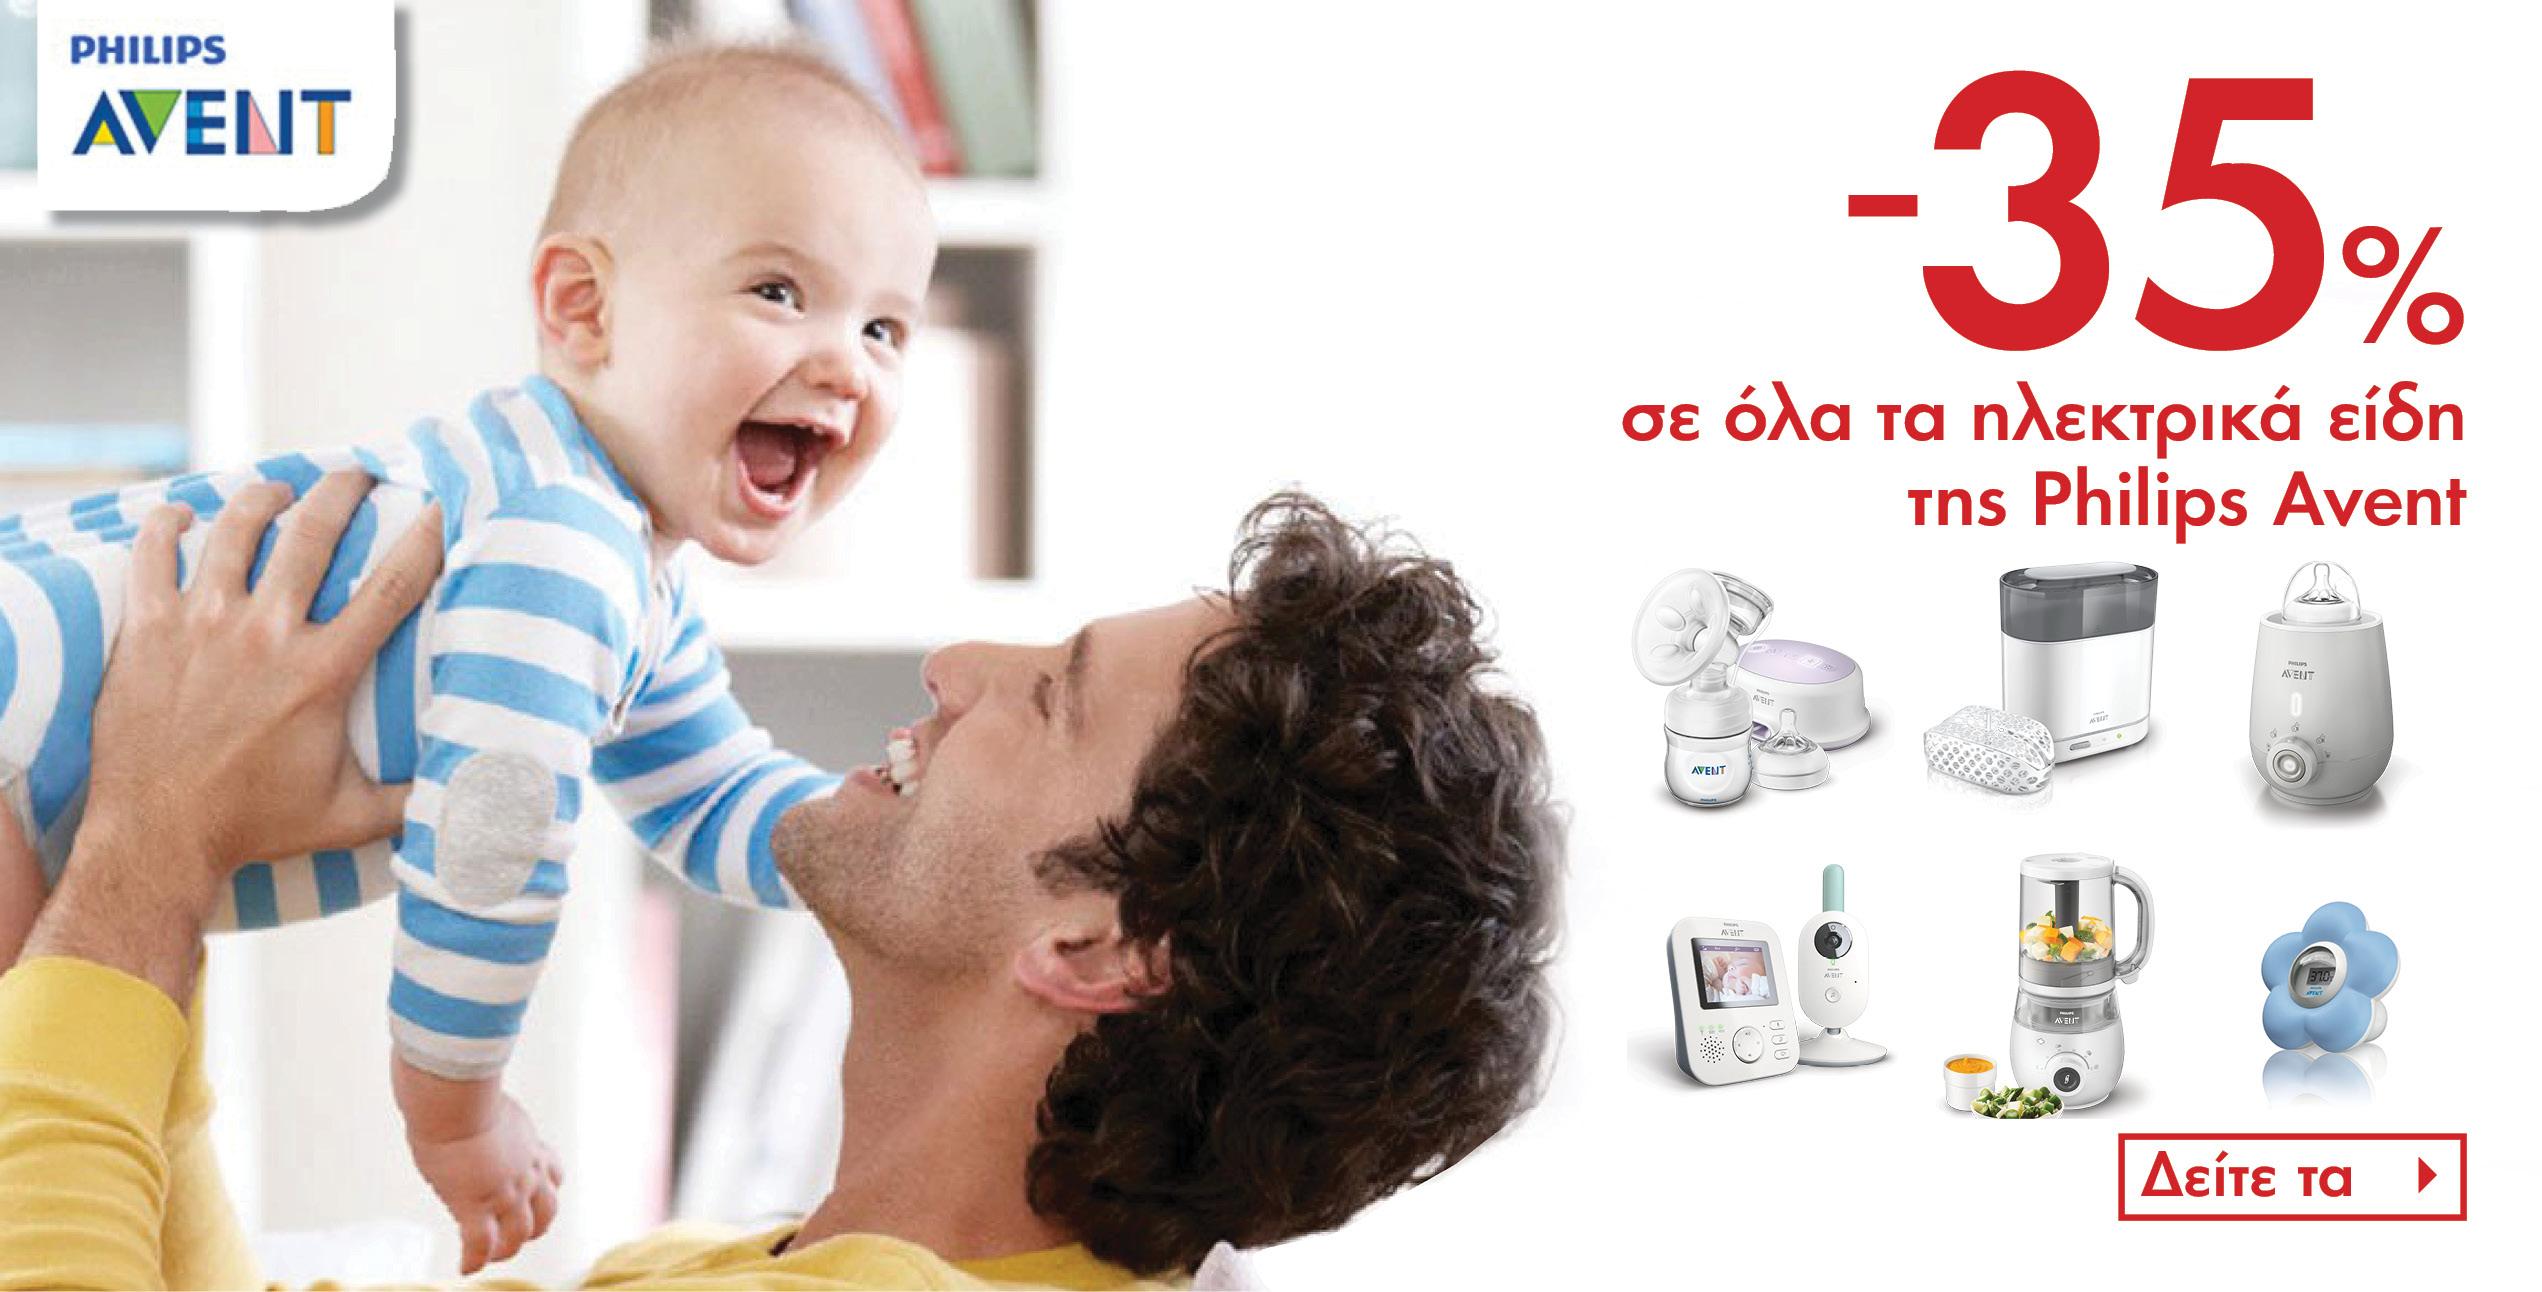 -35% σε όλα τα ηλεκτρικά είδη Philips Avent